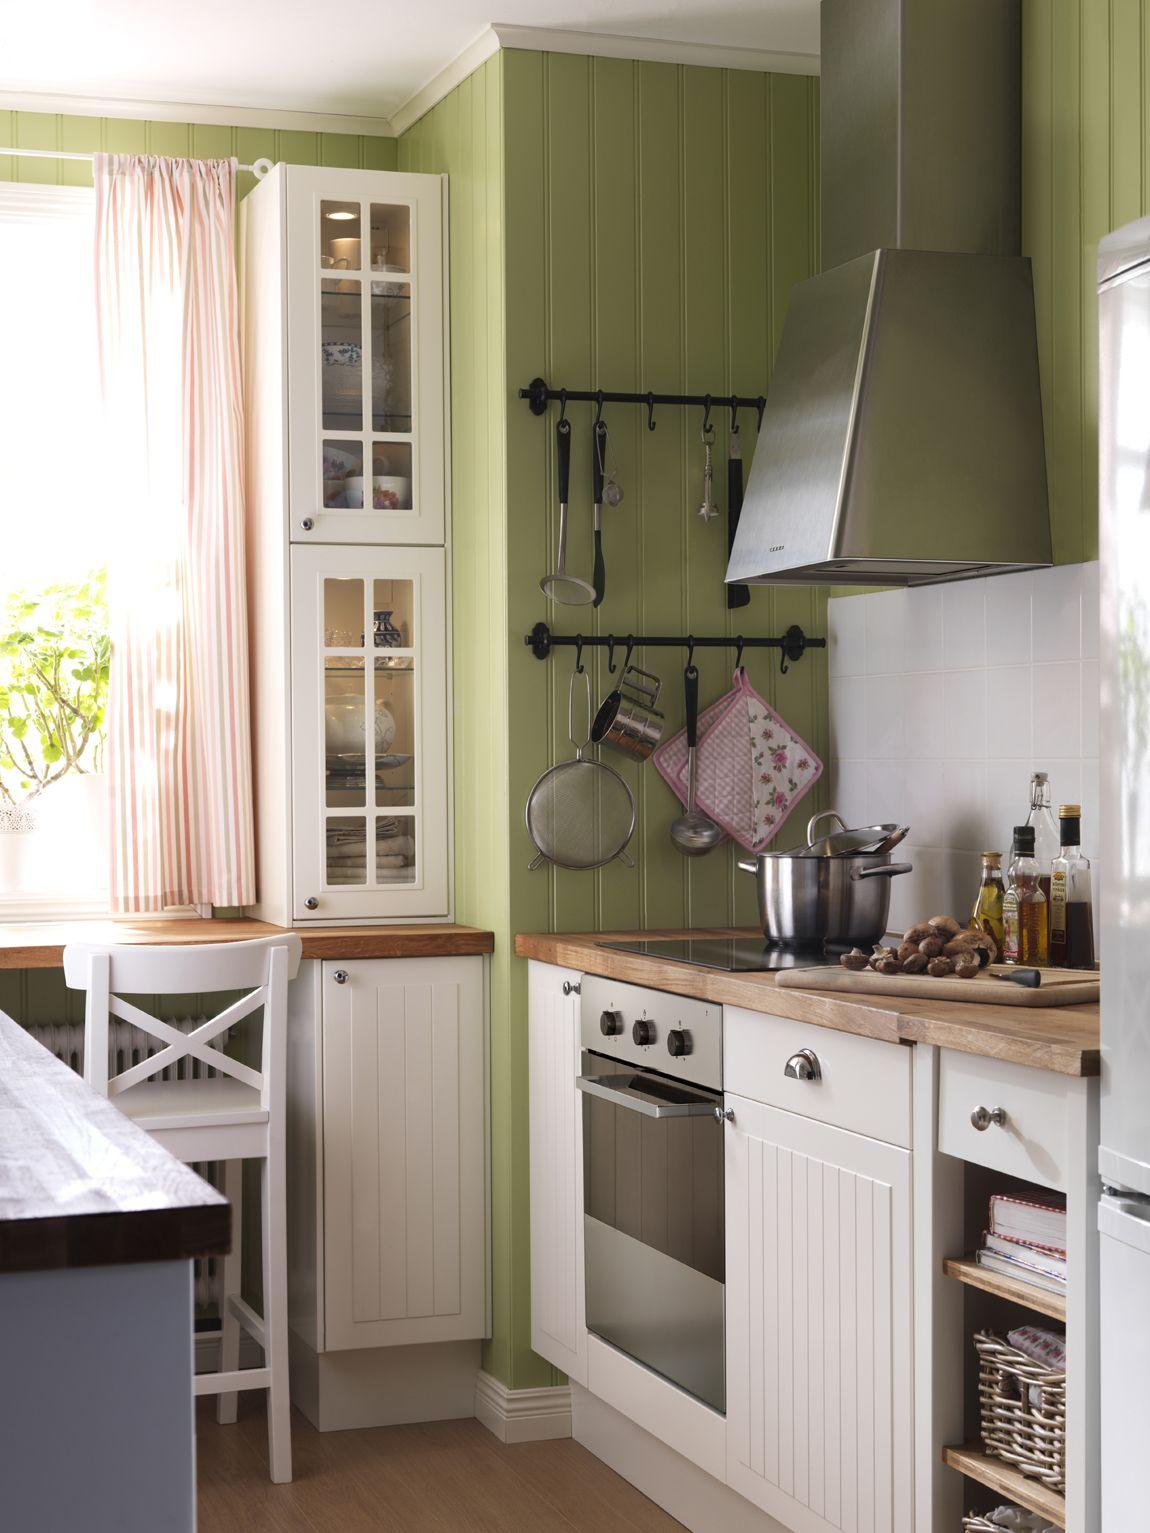 Full Size of Moderne Landhausküche Gebraucht Grau Weisse Weiß Wohnzimmer Landhausküche Wandfarbe